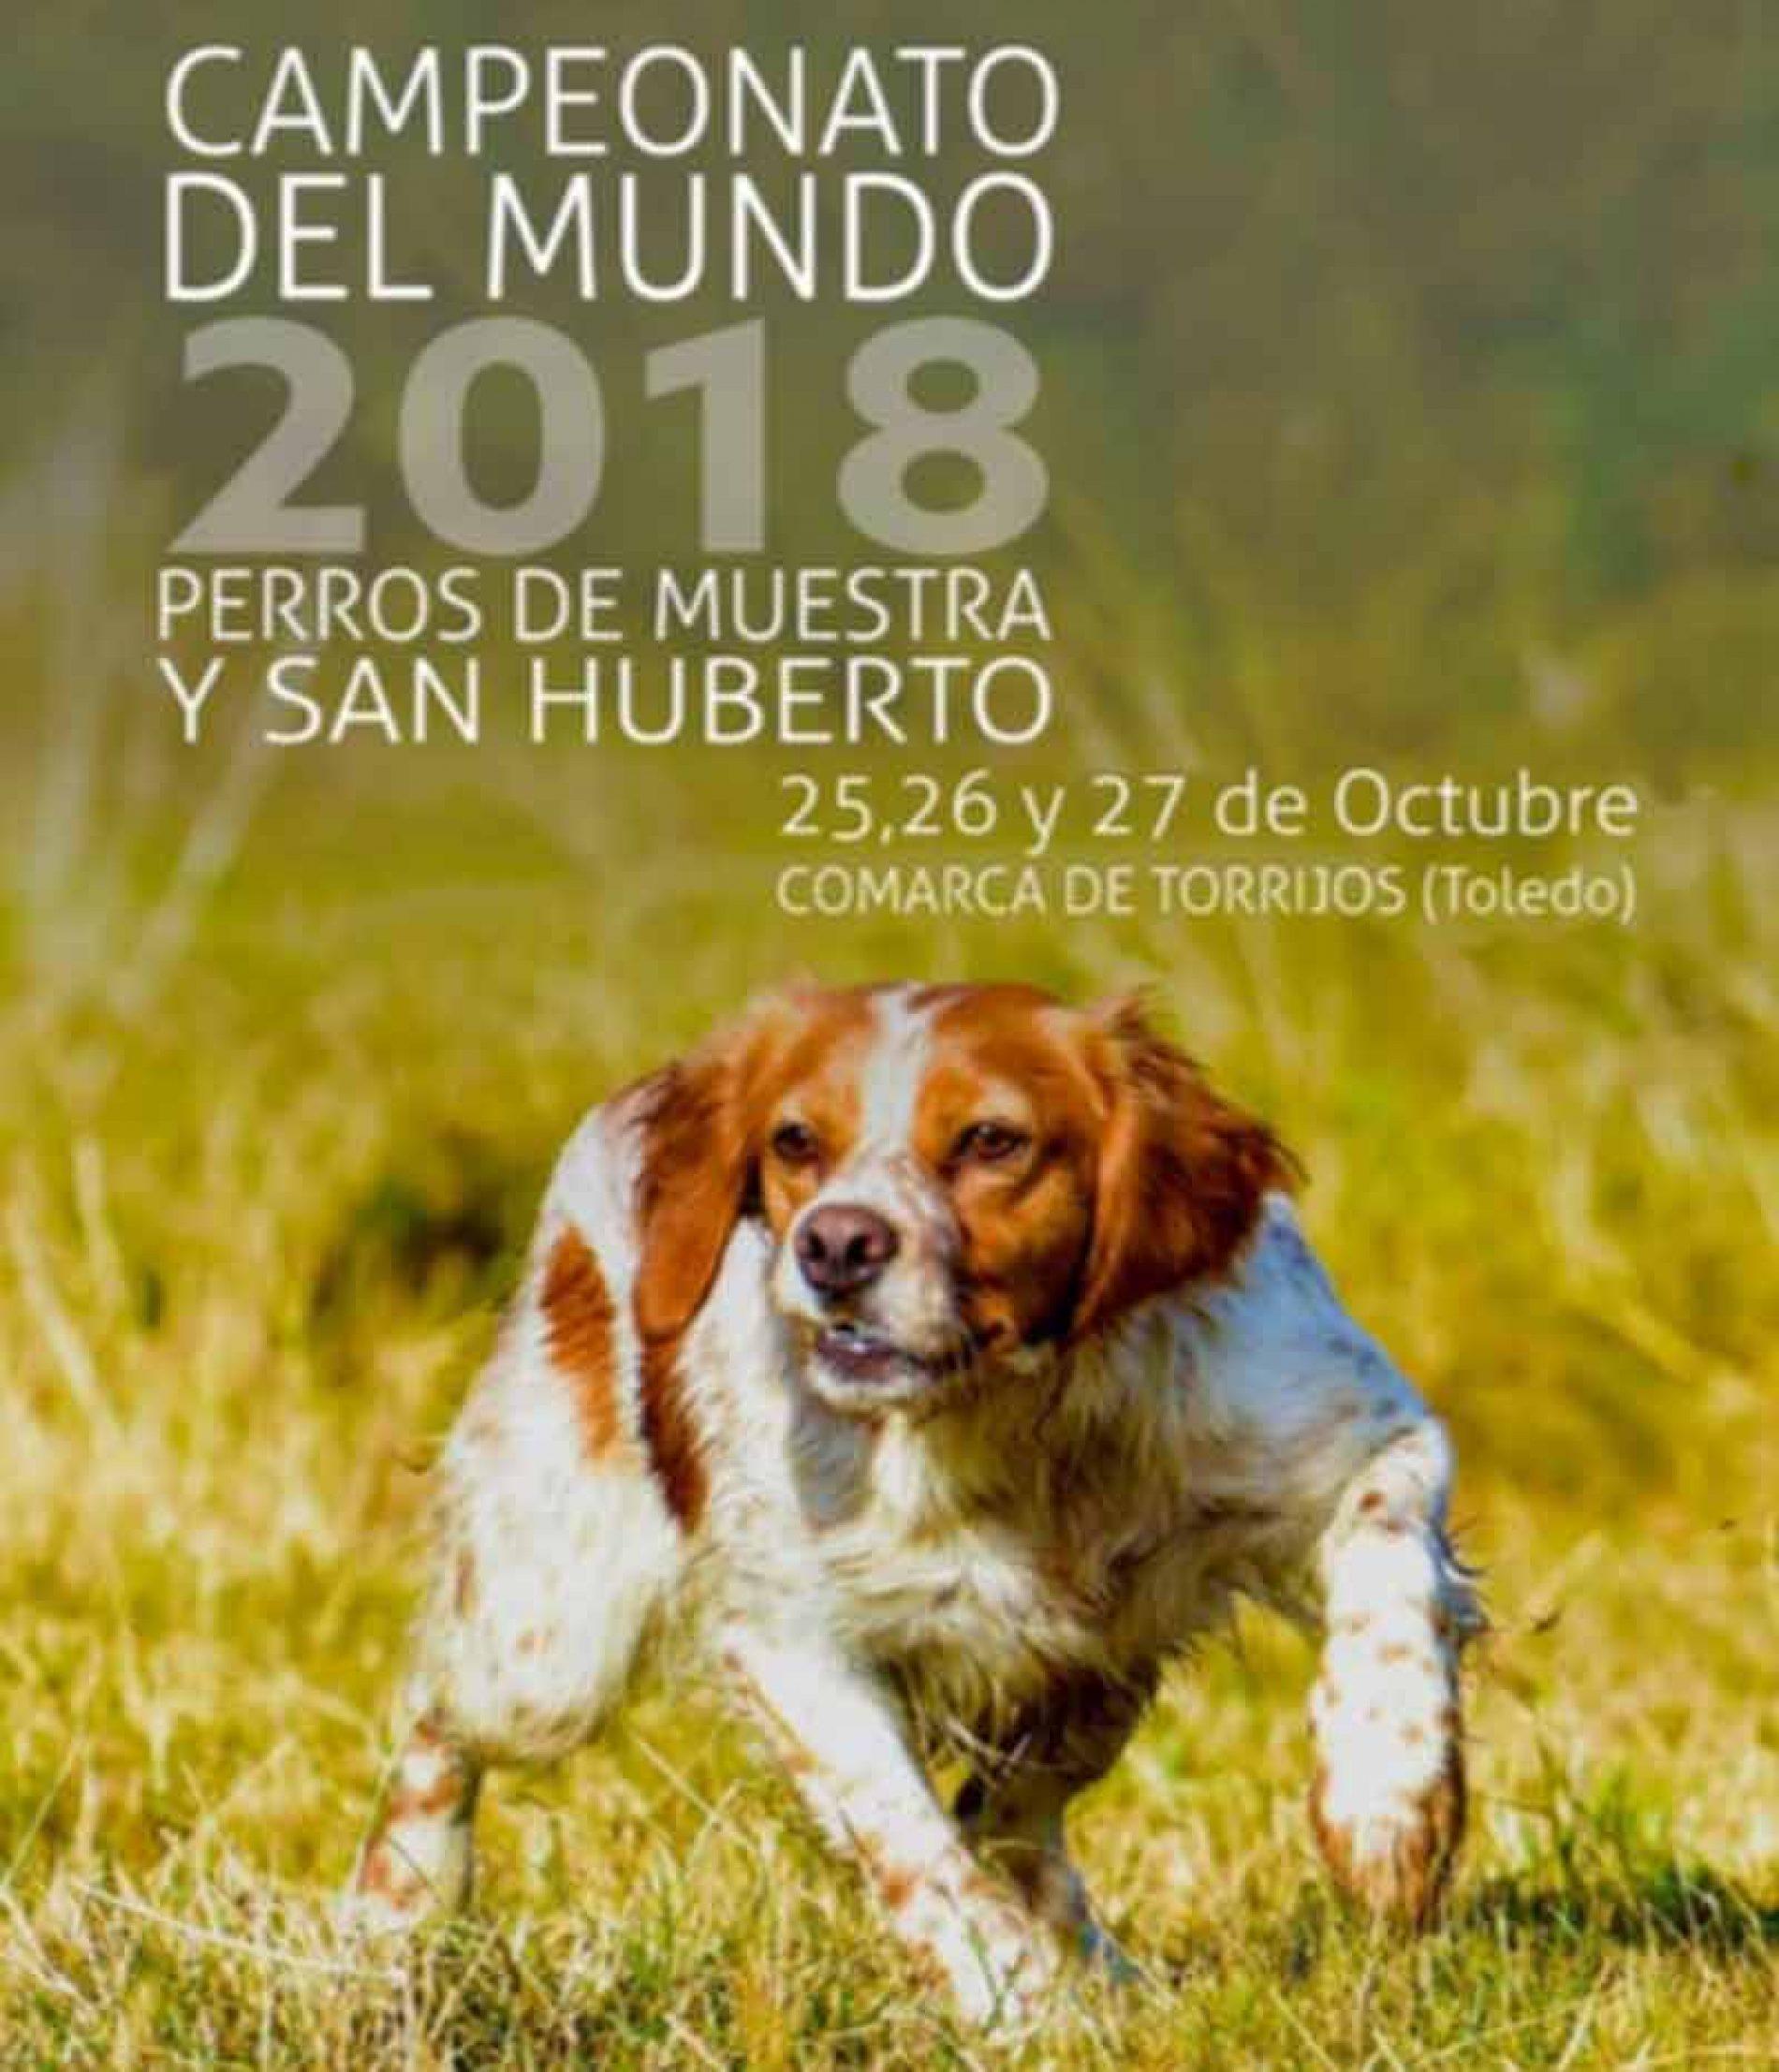 Campeonato del Mundo de Caza San Huberto y de Perros de Muestra